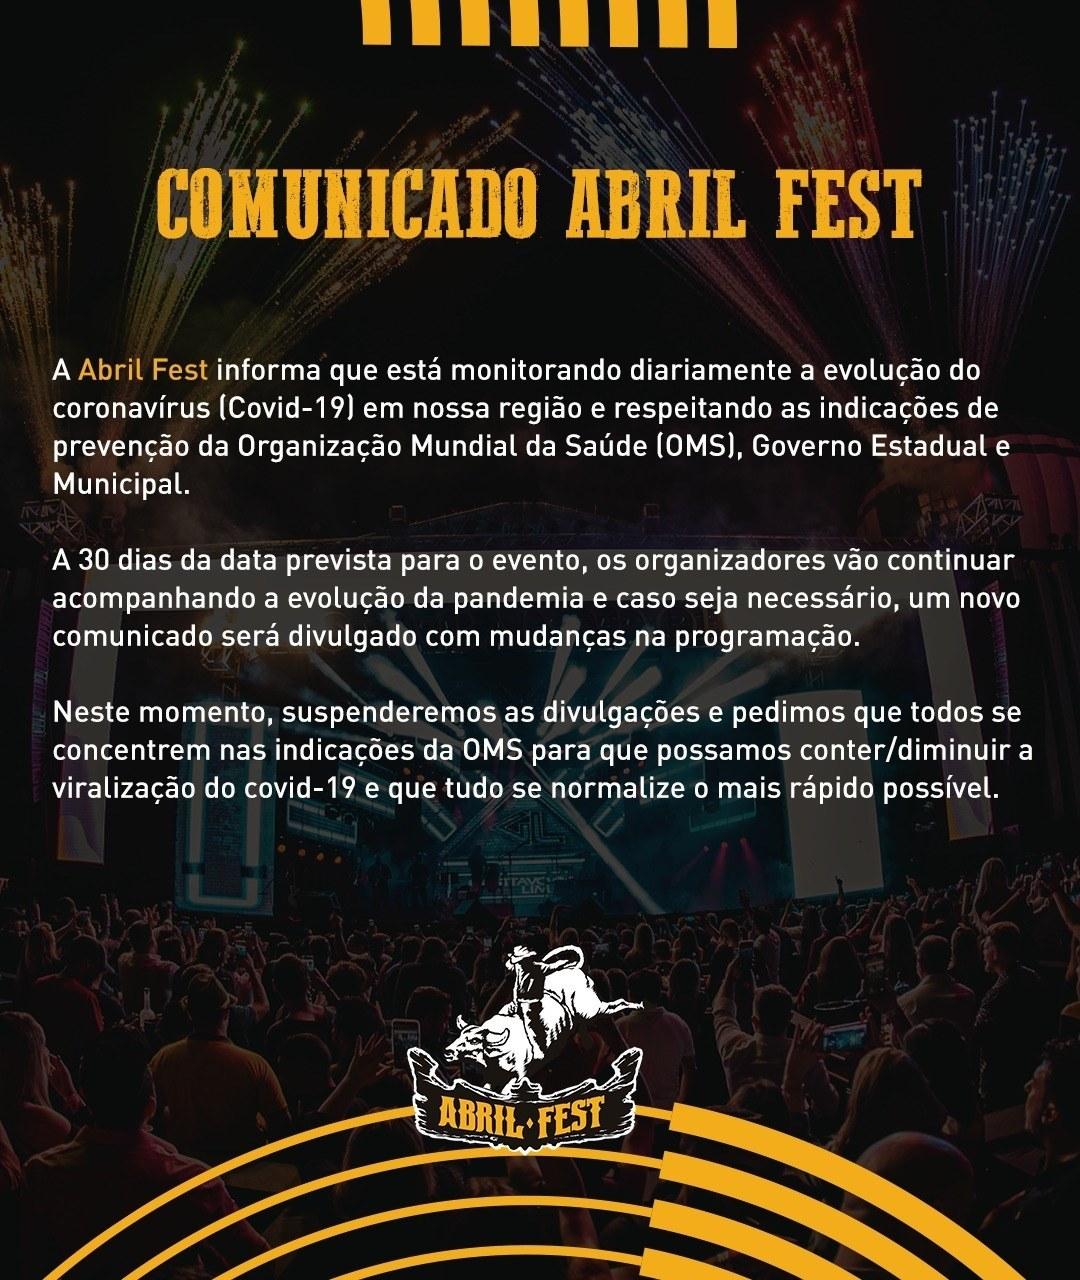 abril fest comunicado